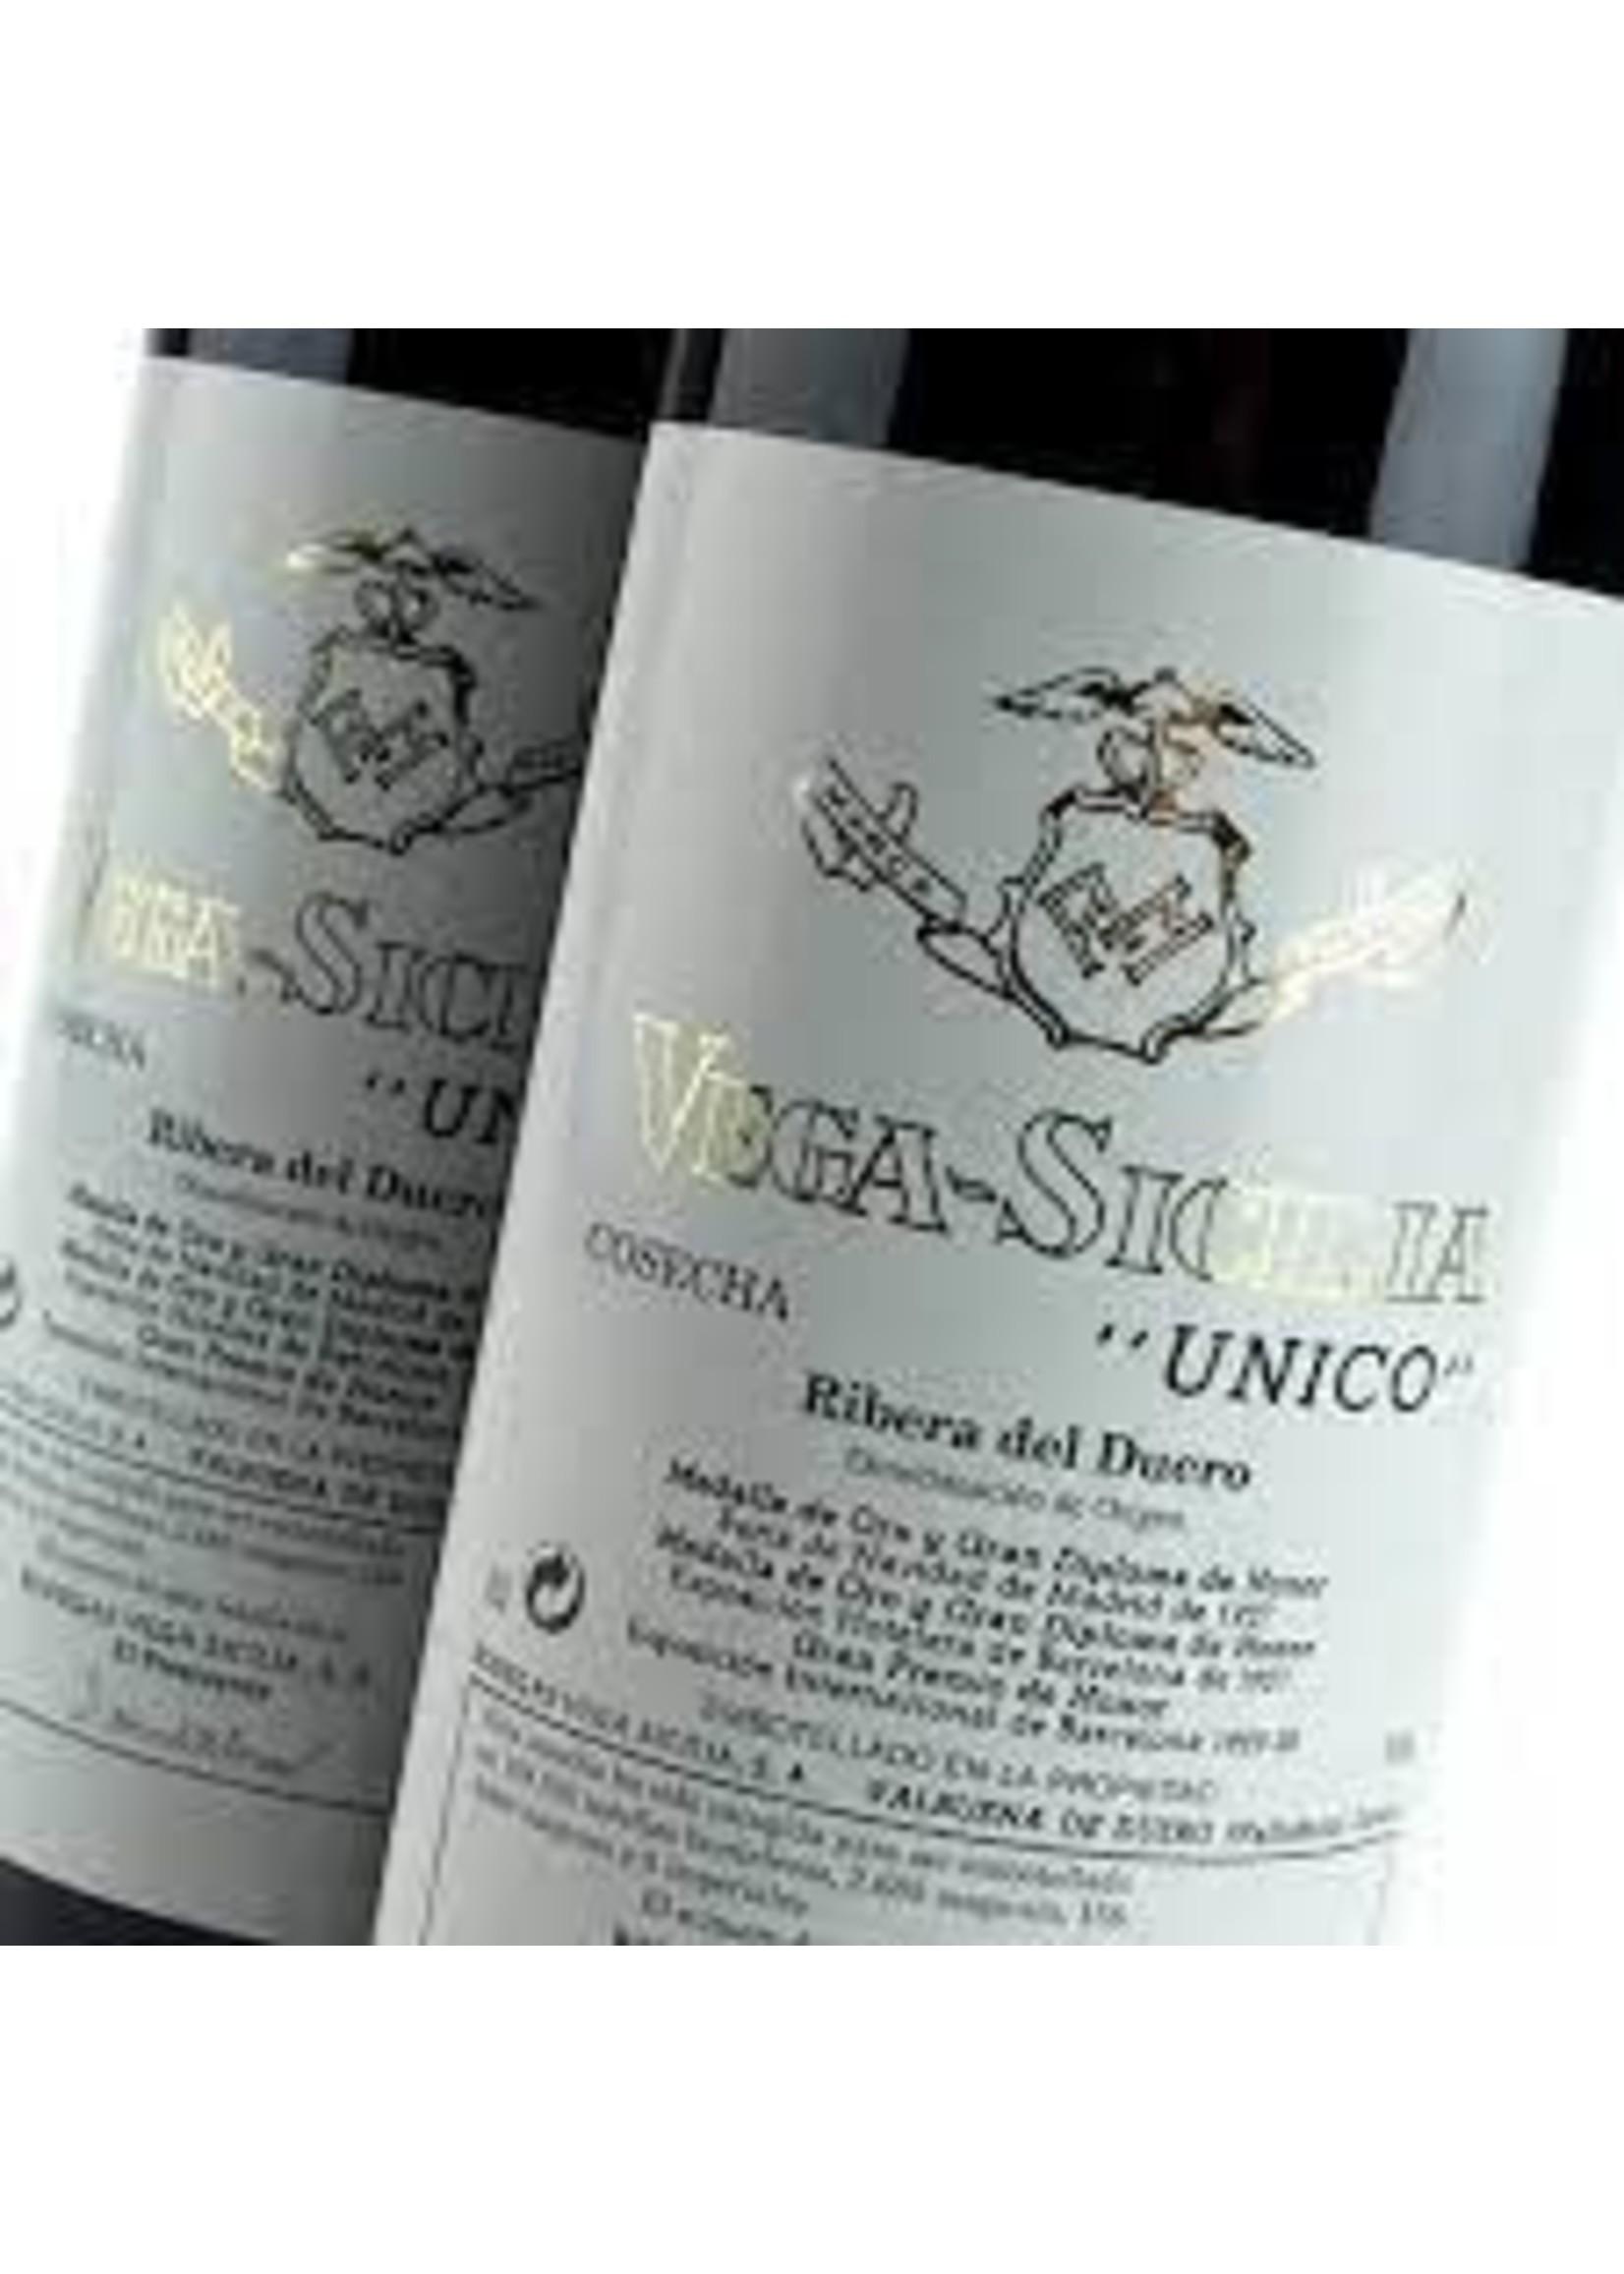 Vega Sicilia 2010 Unico Gran Reserva 750ml